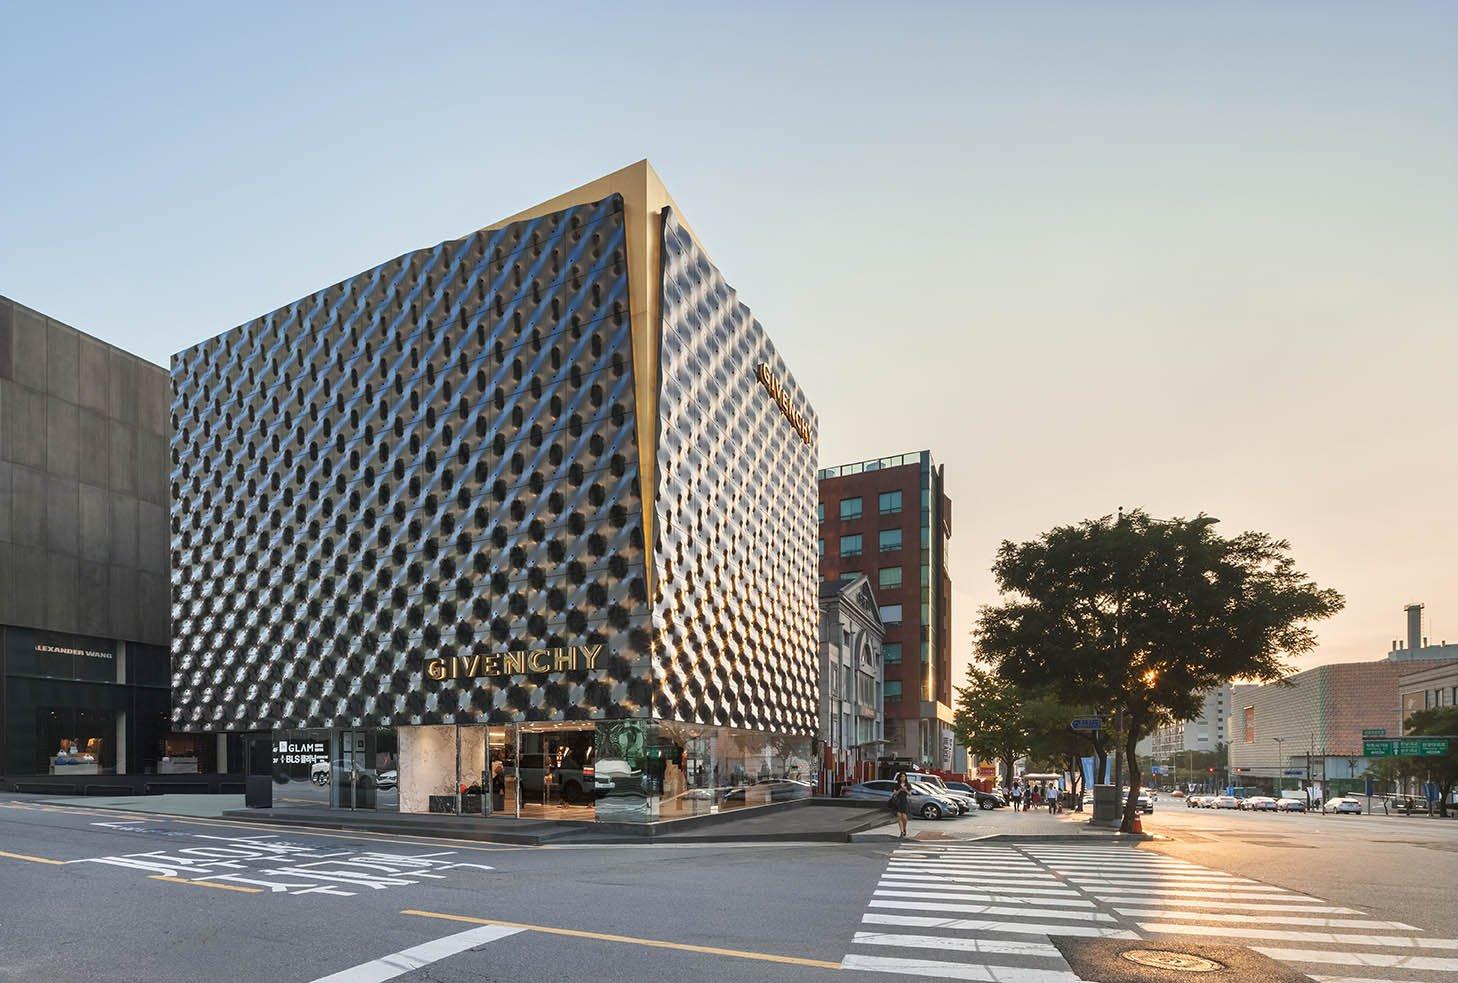 La nuova boutique Givenchy di Seoul sorge nel fiorente shopping district cittadino, Cheongdam Dong.